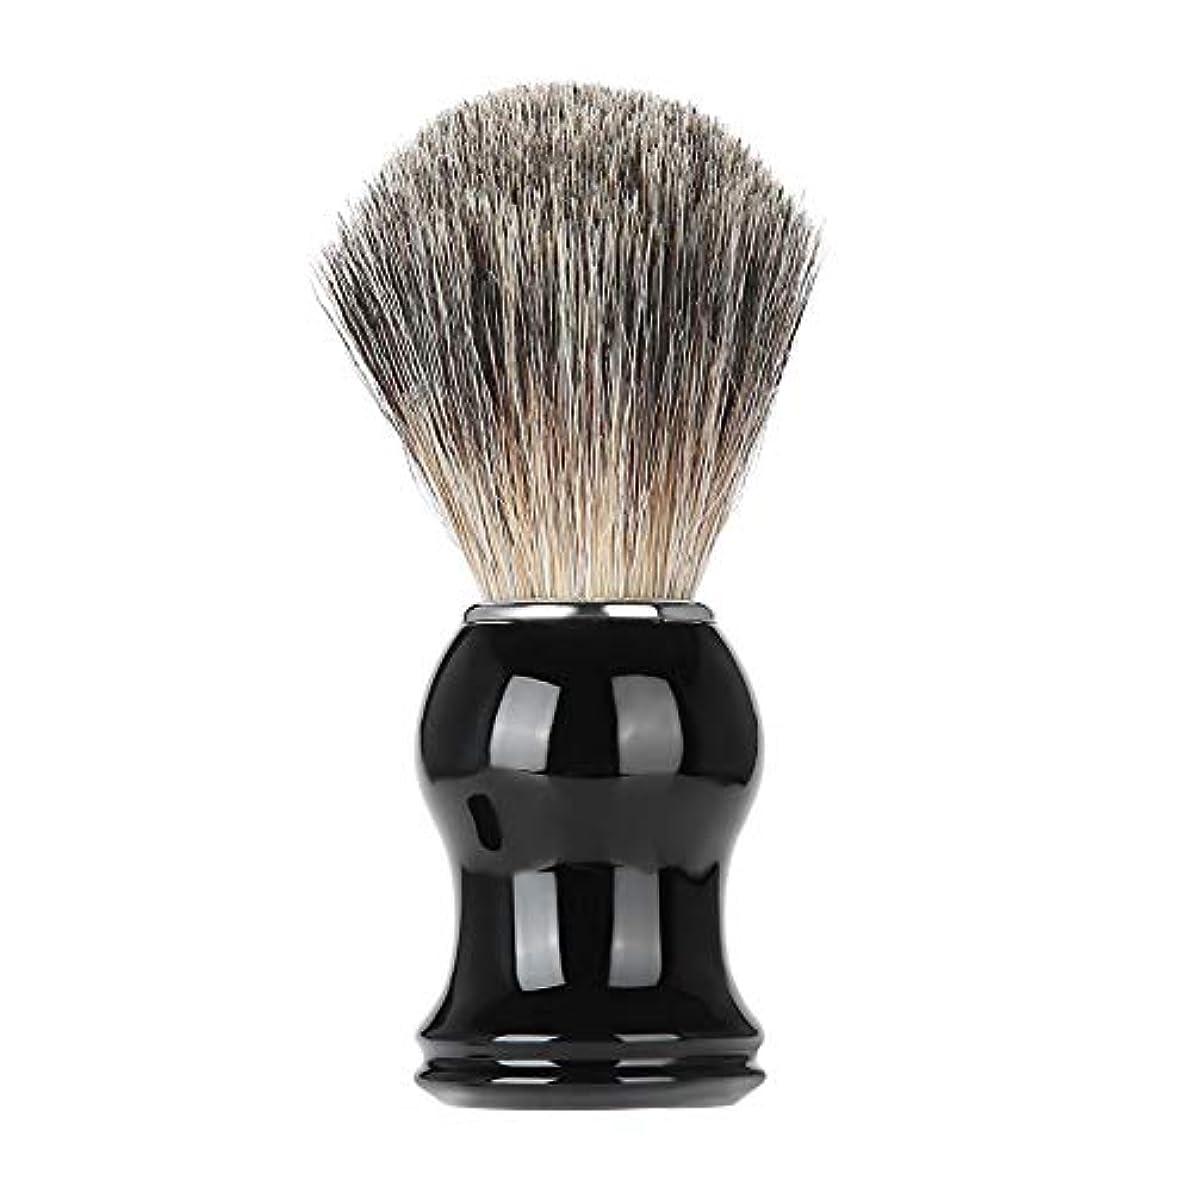 挨拶動脈アラブサラボシェービングブラシ男性髭口ひげ剃毛ブラシ樹脂ハンドル髭剃りツール